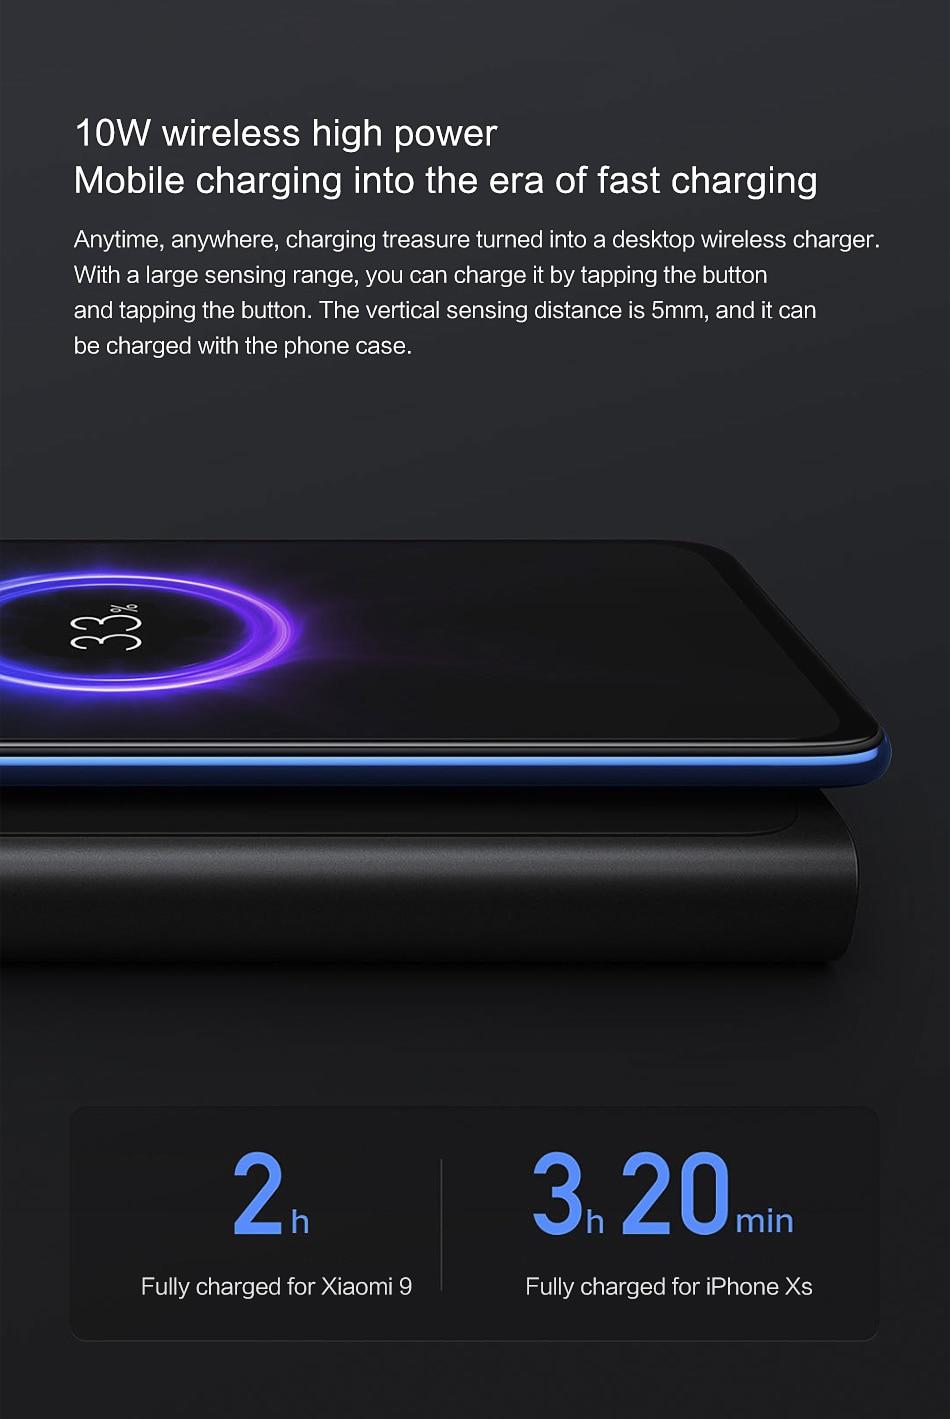 Mi Wireless 10000mAh Qi Power bank Fast Wireless Charger buy online in pakistan